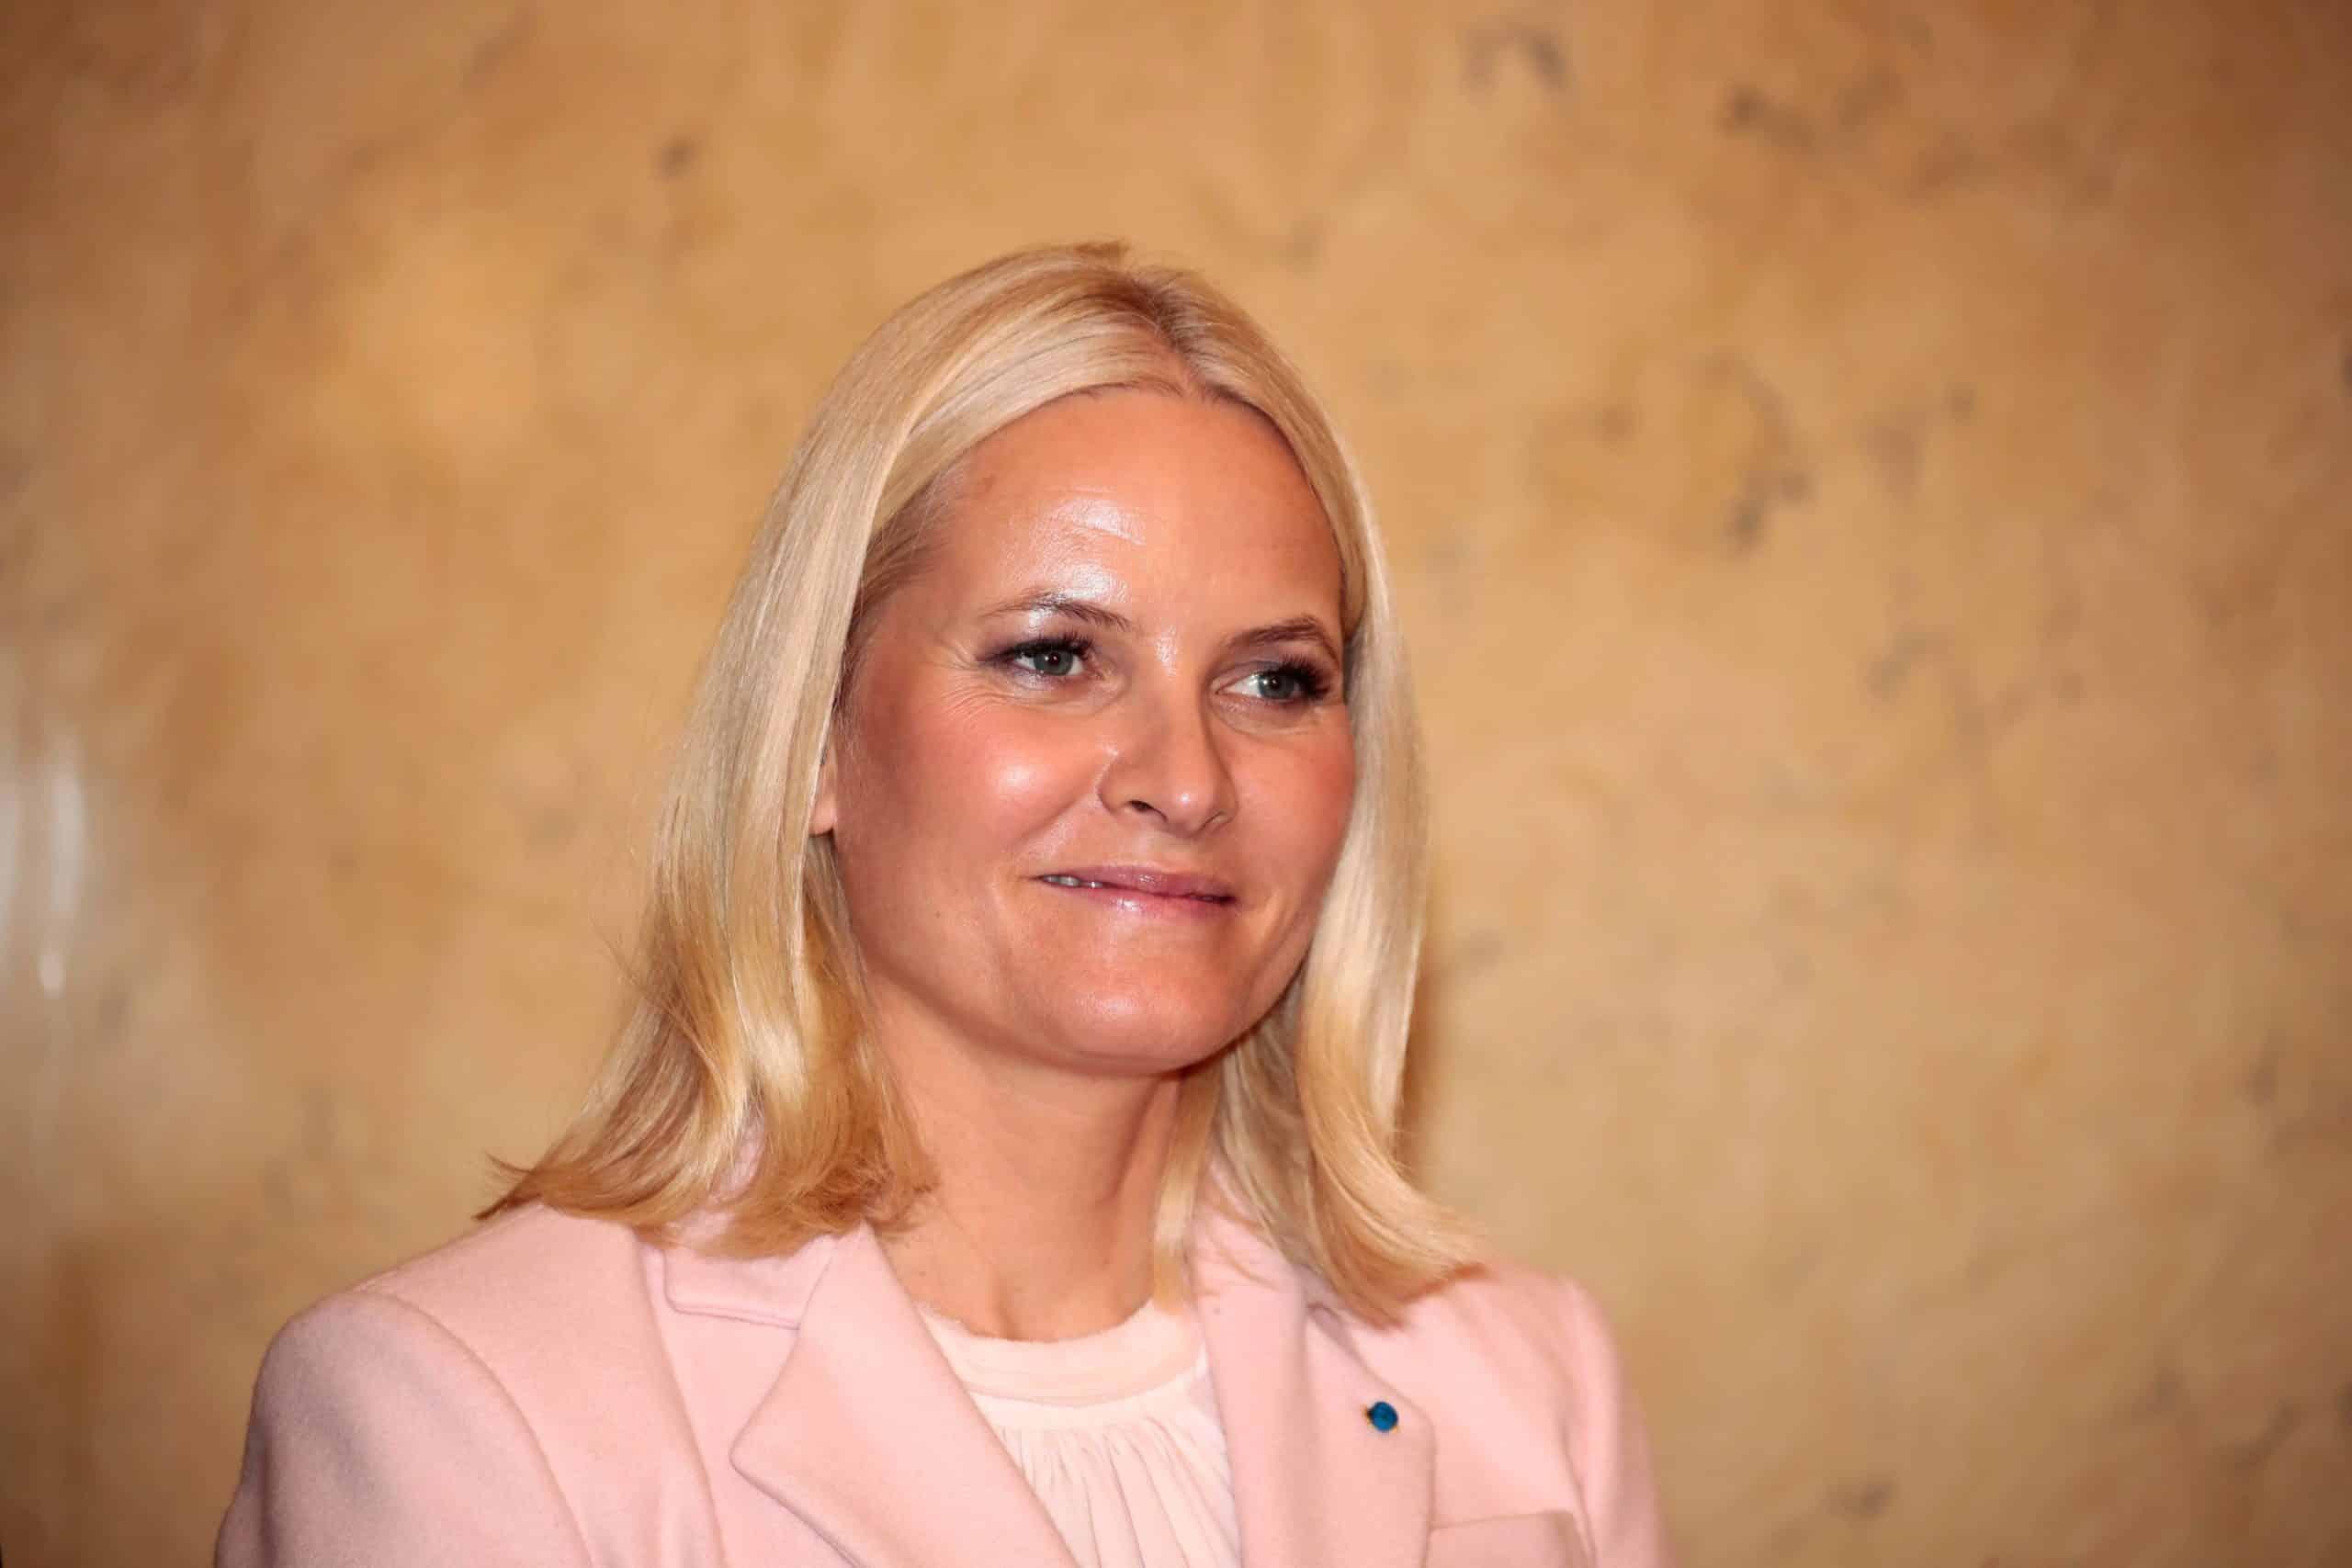 Kronprinzessin Mette-Marit: Besondere Nachricht von Durek Verret